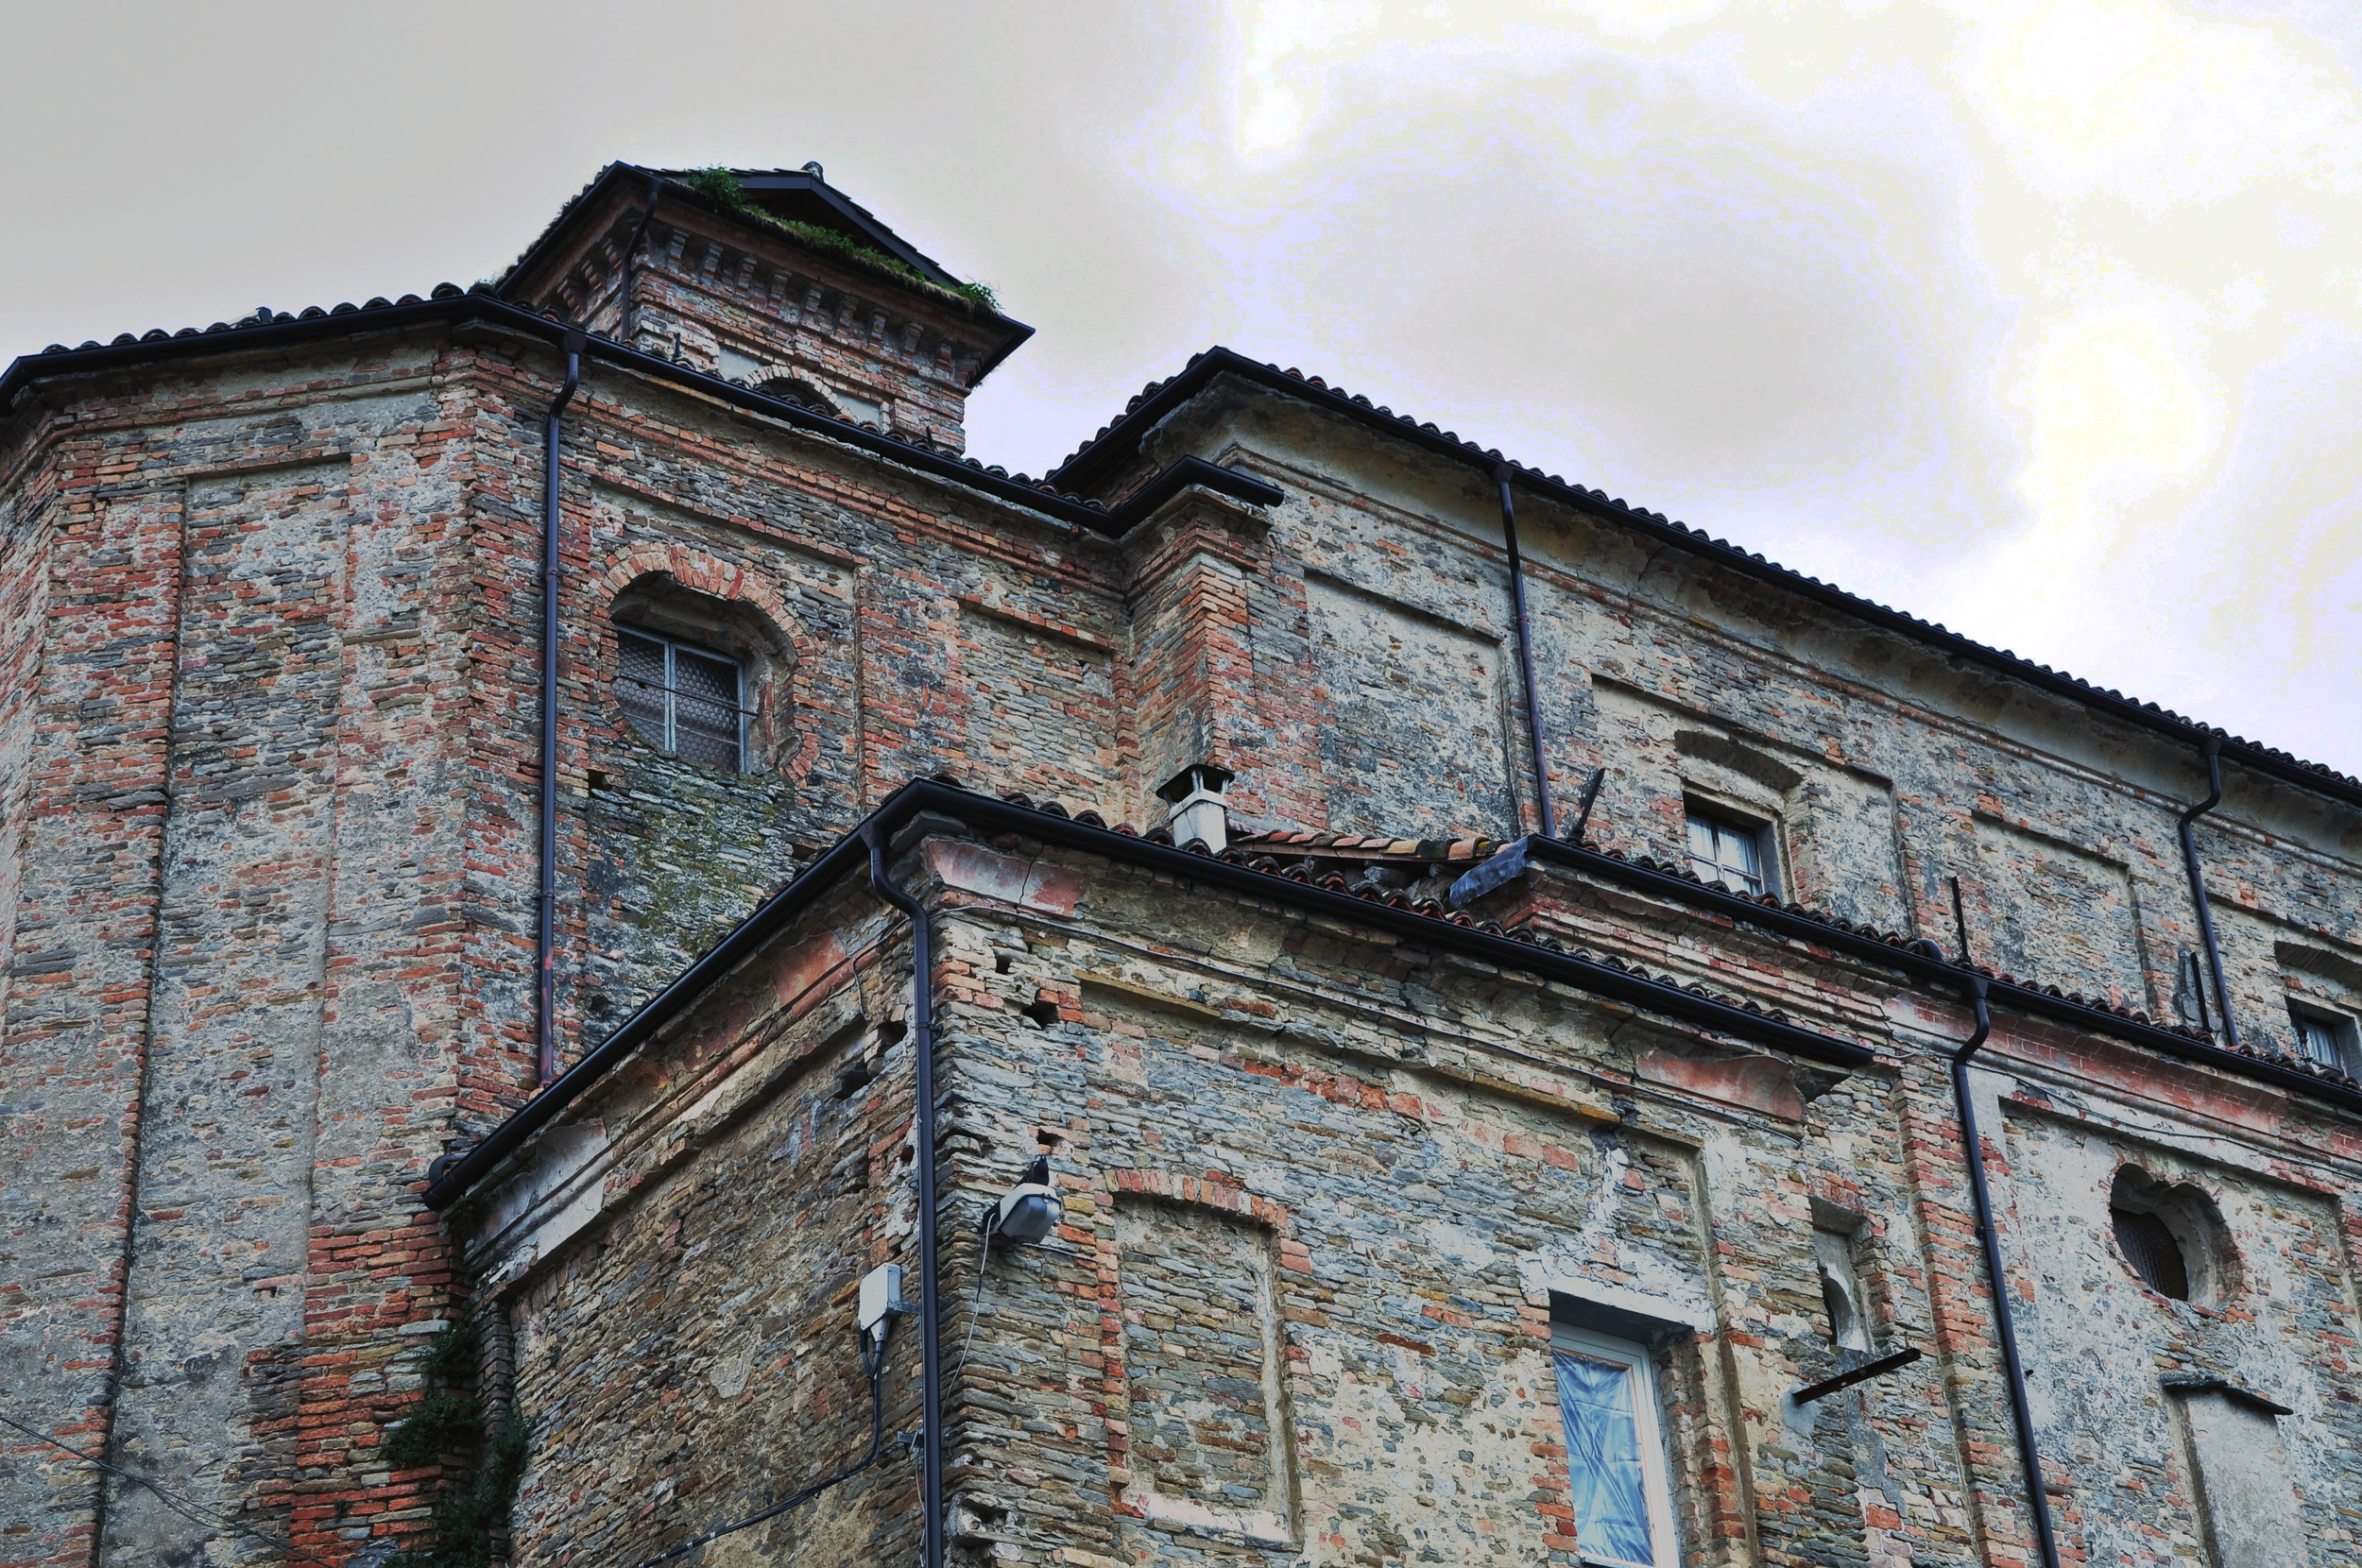 In Castiglione Tinella